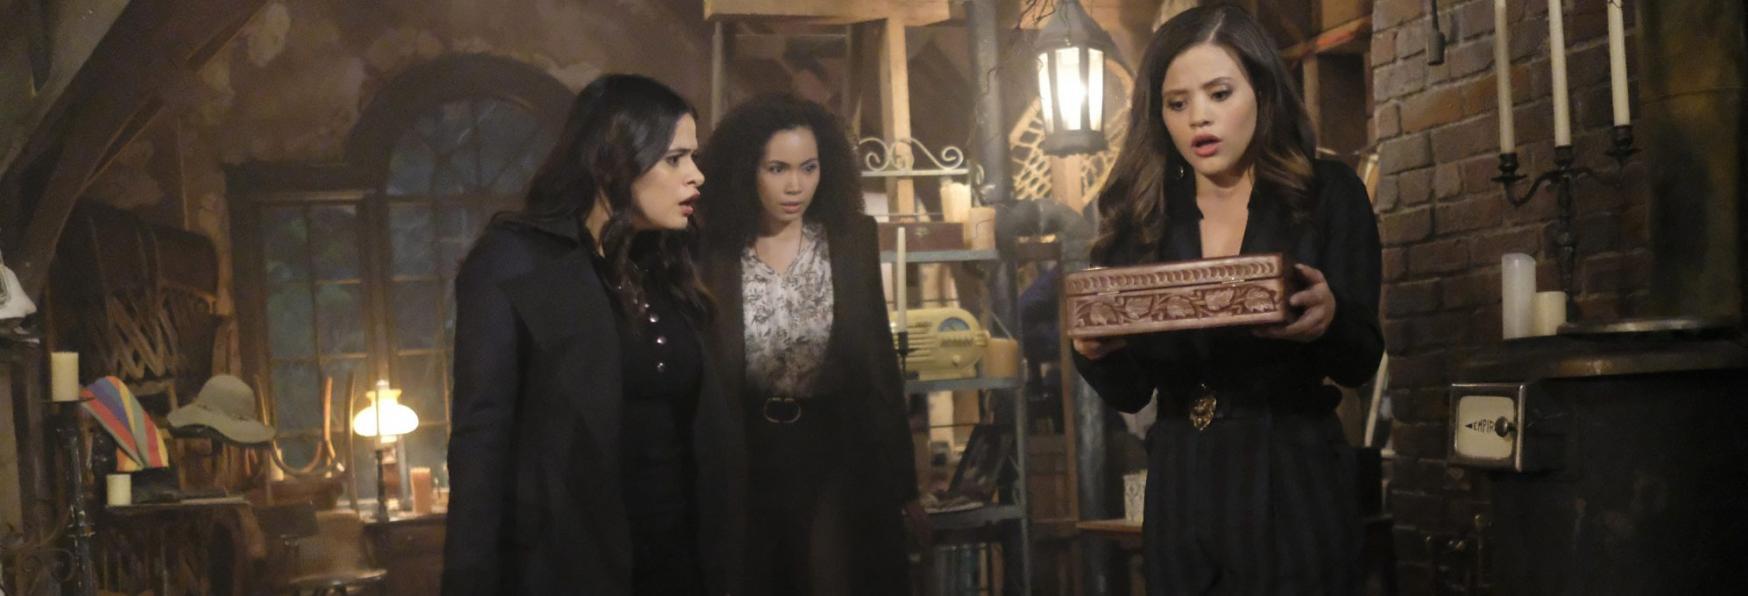 Streghe 3: Mareya Salazar entra a far parte del Cast della nuova Stagione